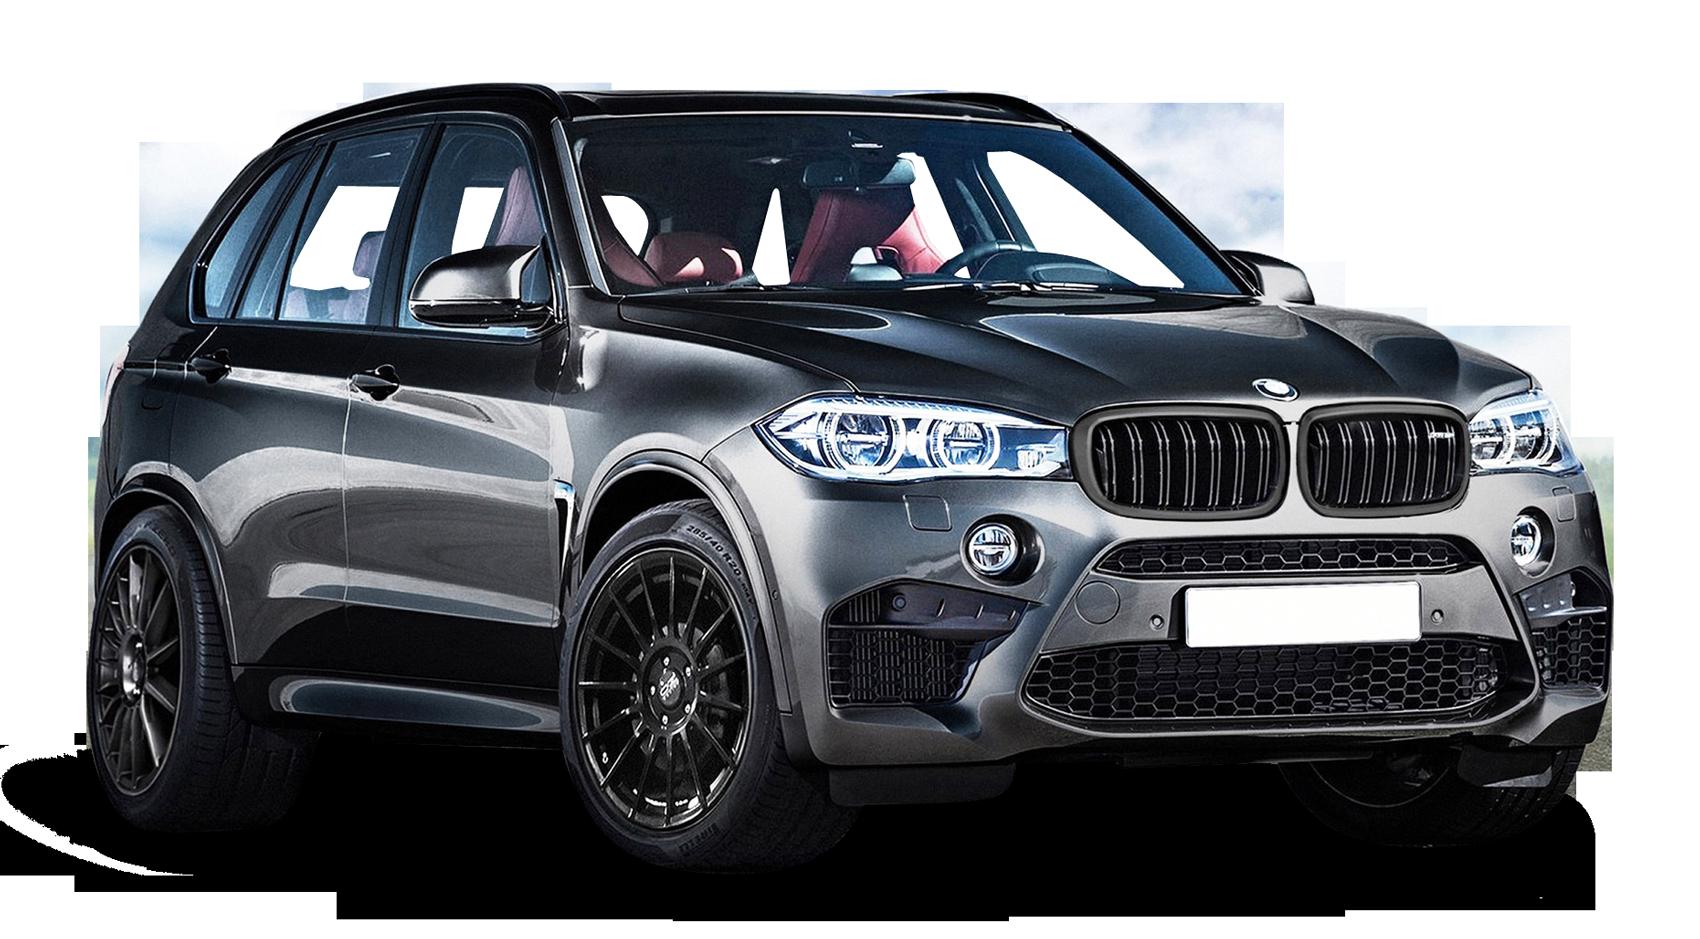 BMW X5 Black Car